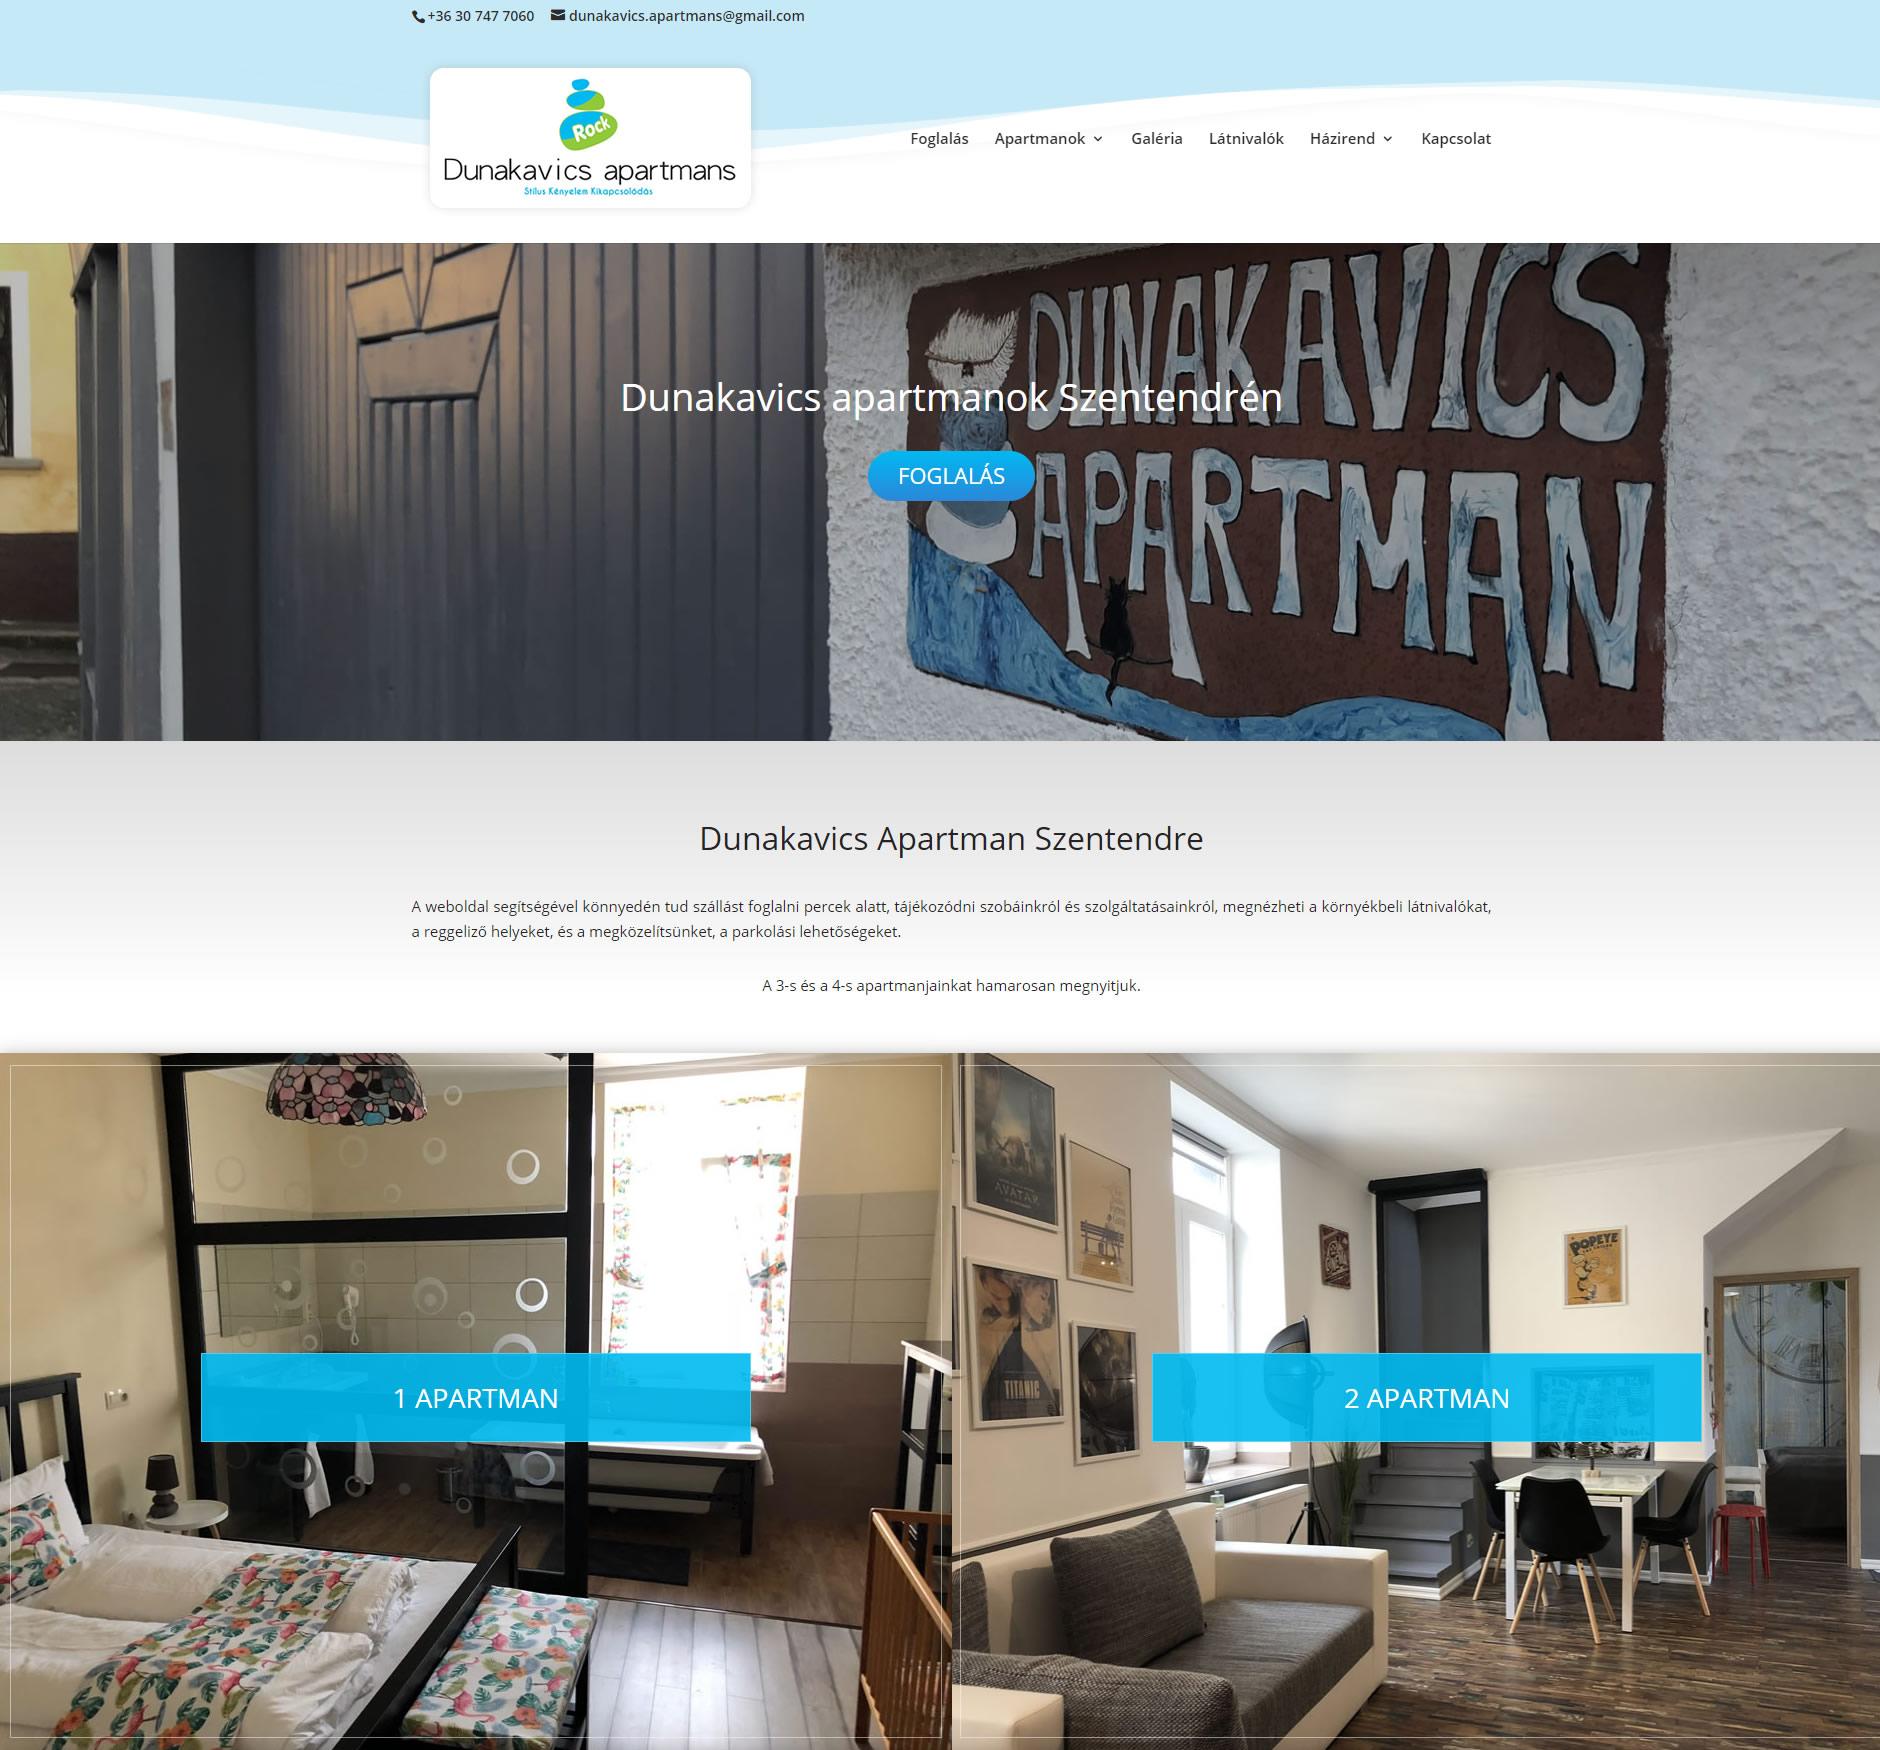 Dunakavics apartmanok Szentendre weboldal készítés